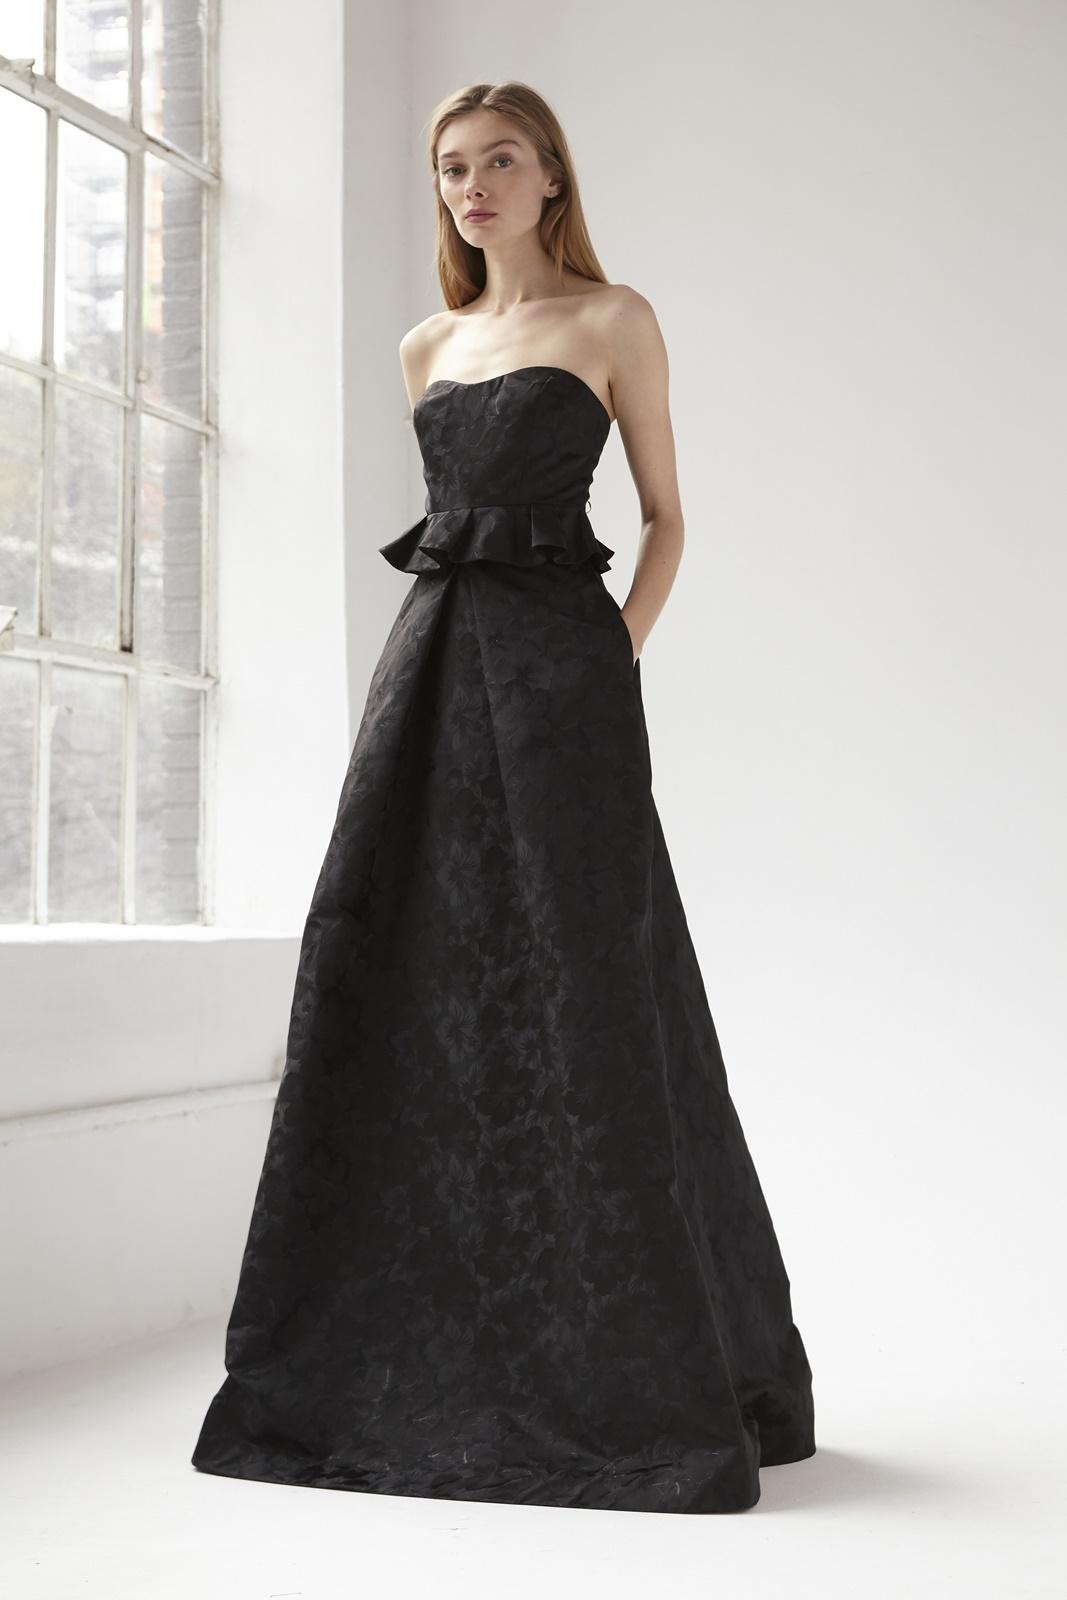 銀糸をしようしたお花模様の生地が華やかなの新作のエムエル・モニーク・ルイリエ(ML Monique Lhuillier)のおしゃれなおすすめのブラックロングドレス